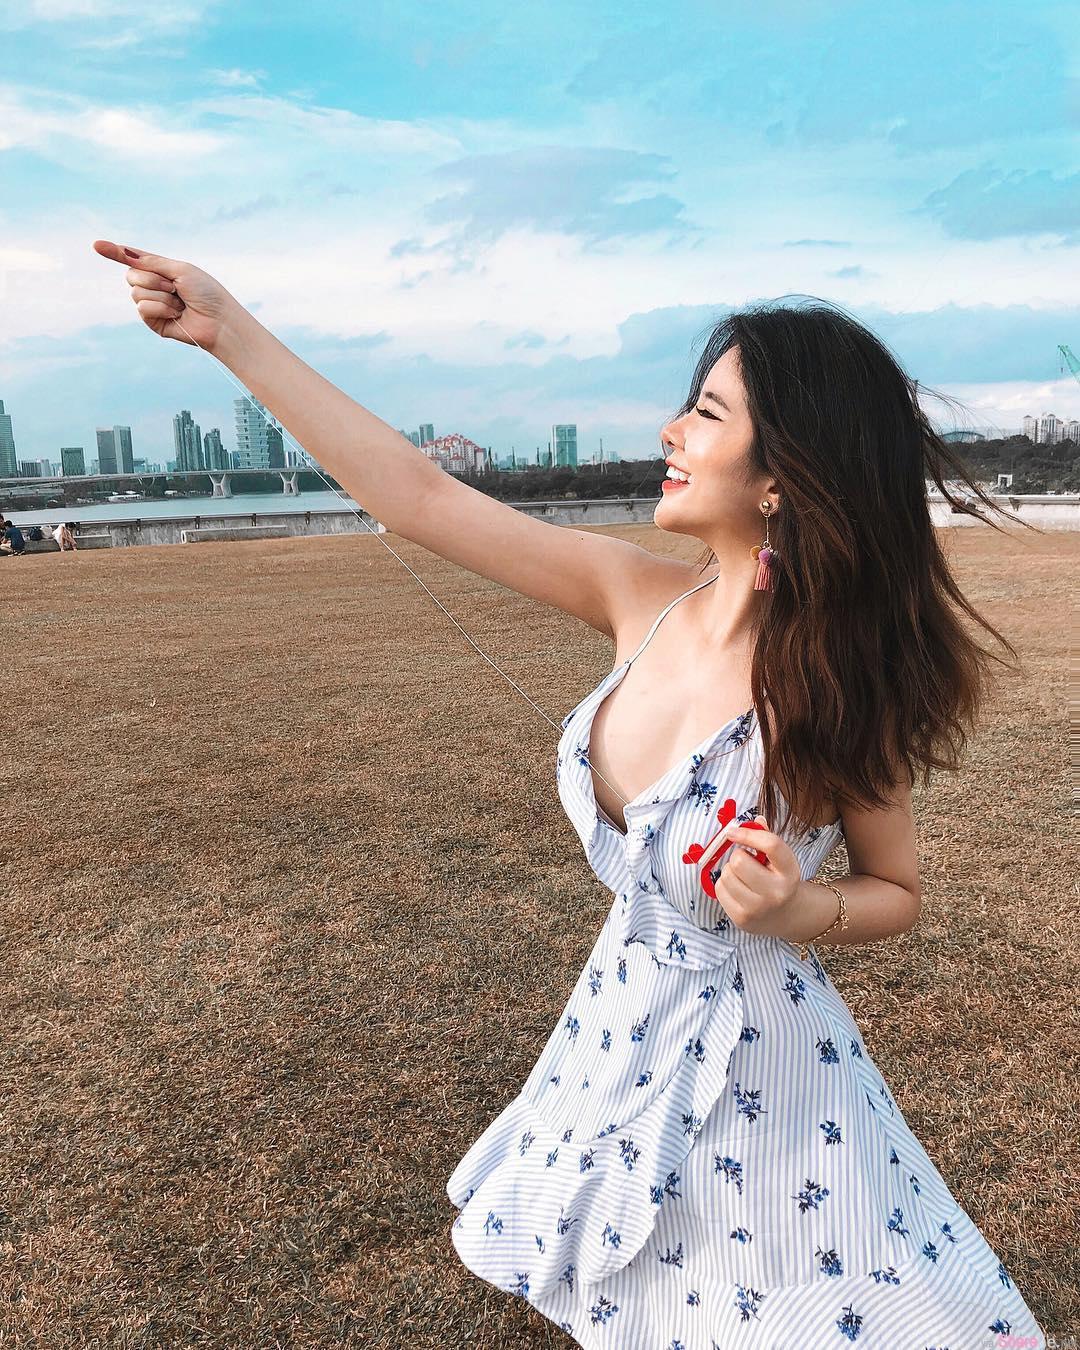 正妹JASMINE草地放风筝,超美的穿搭让人想和她一起吹吹风